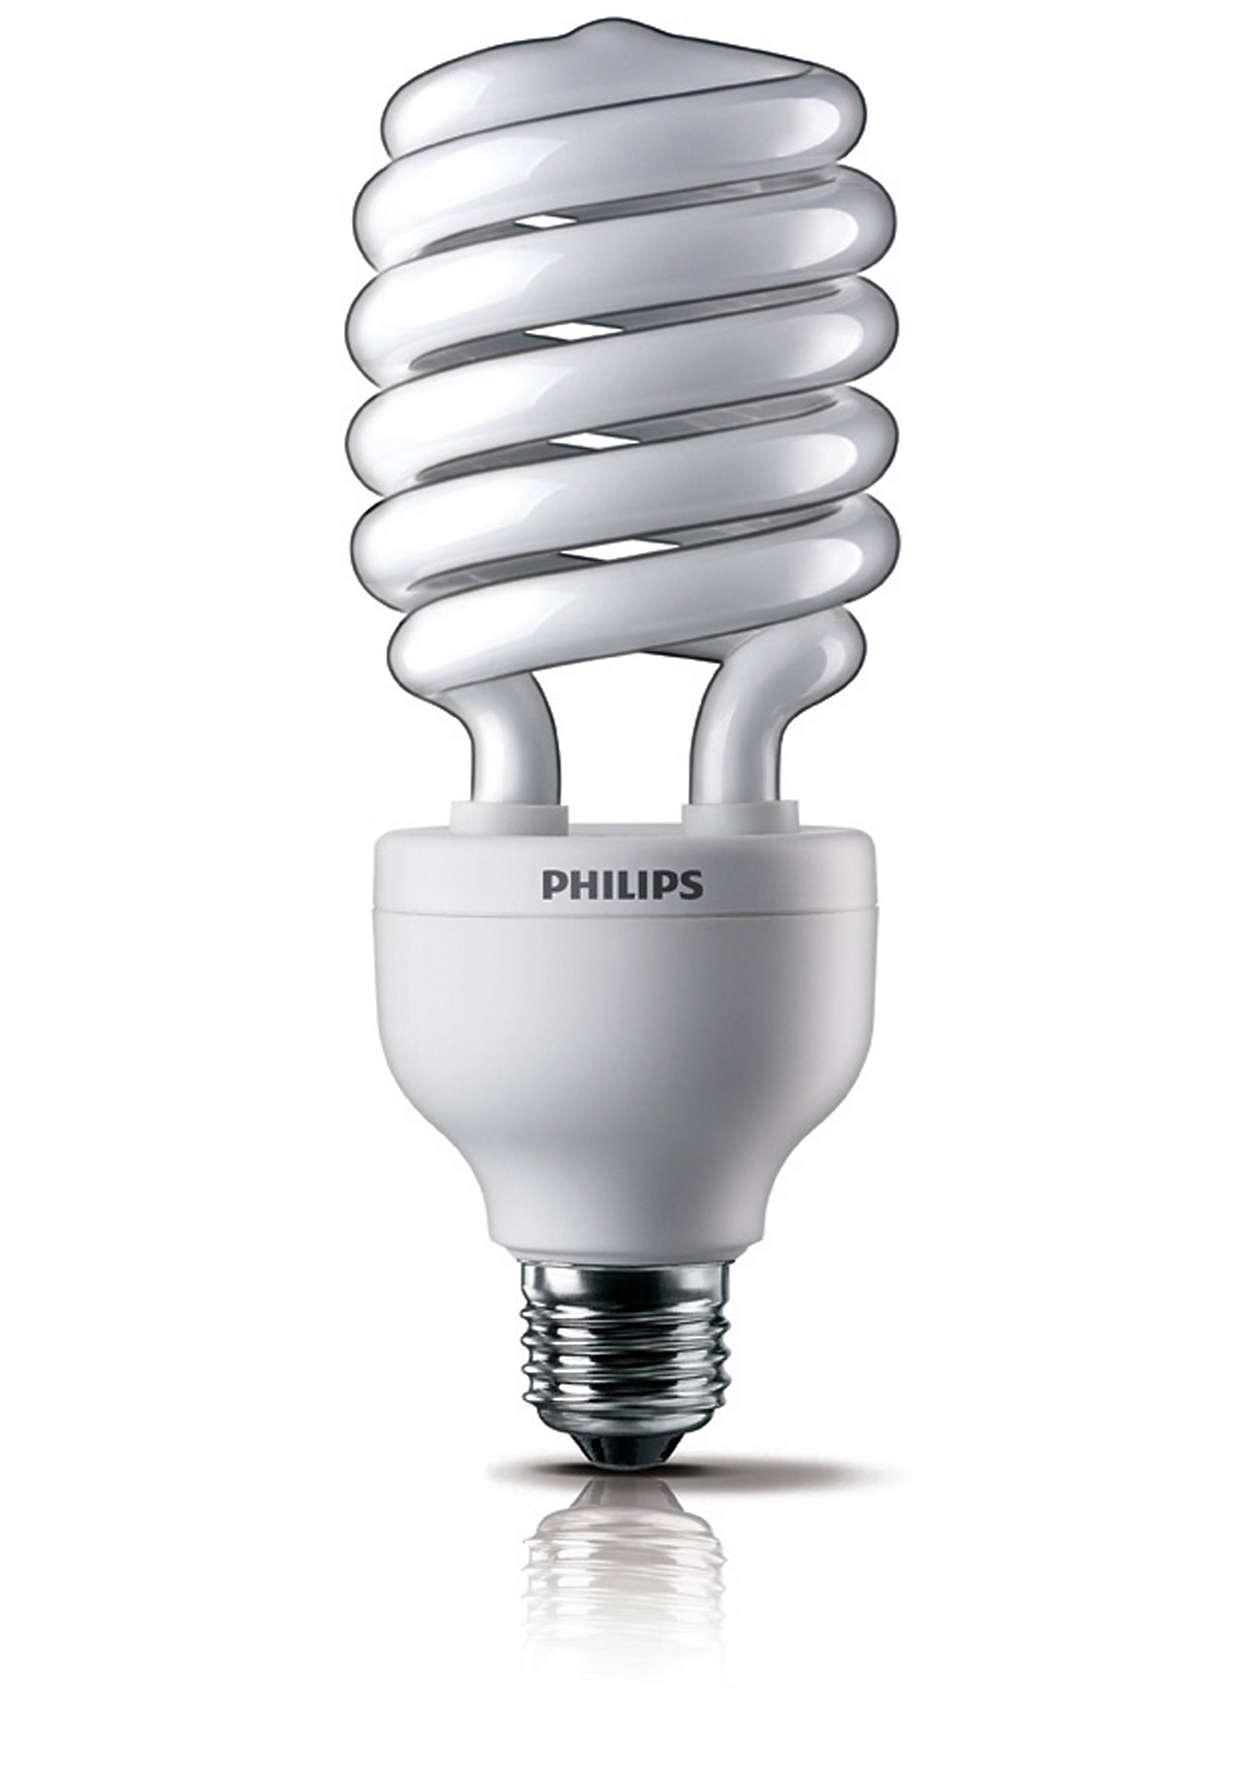 Độ sáng tối đa mang lại sự tiện lợi cao hơn